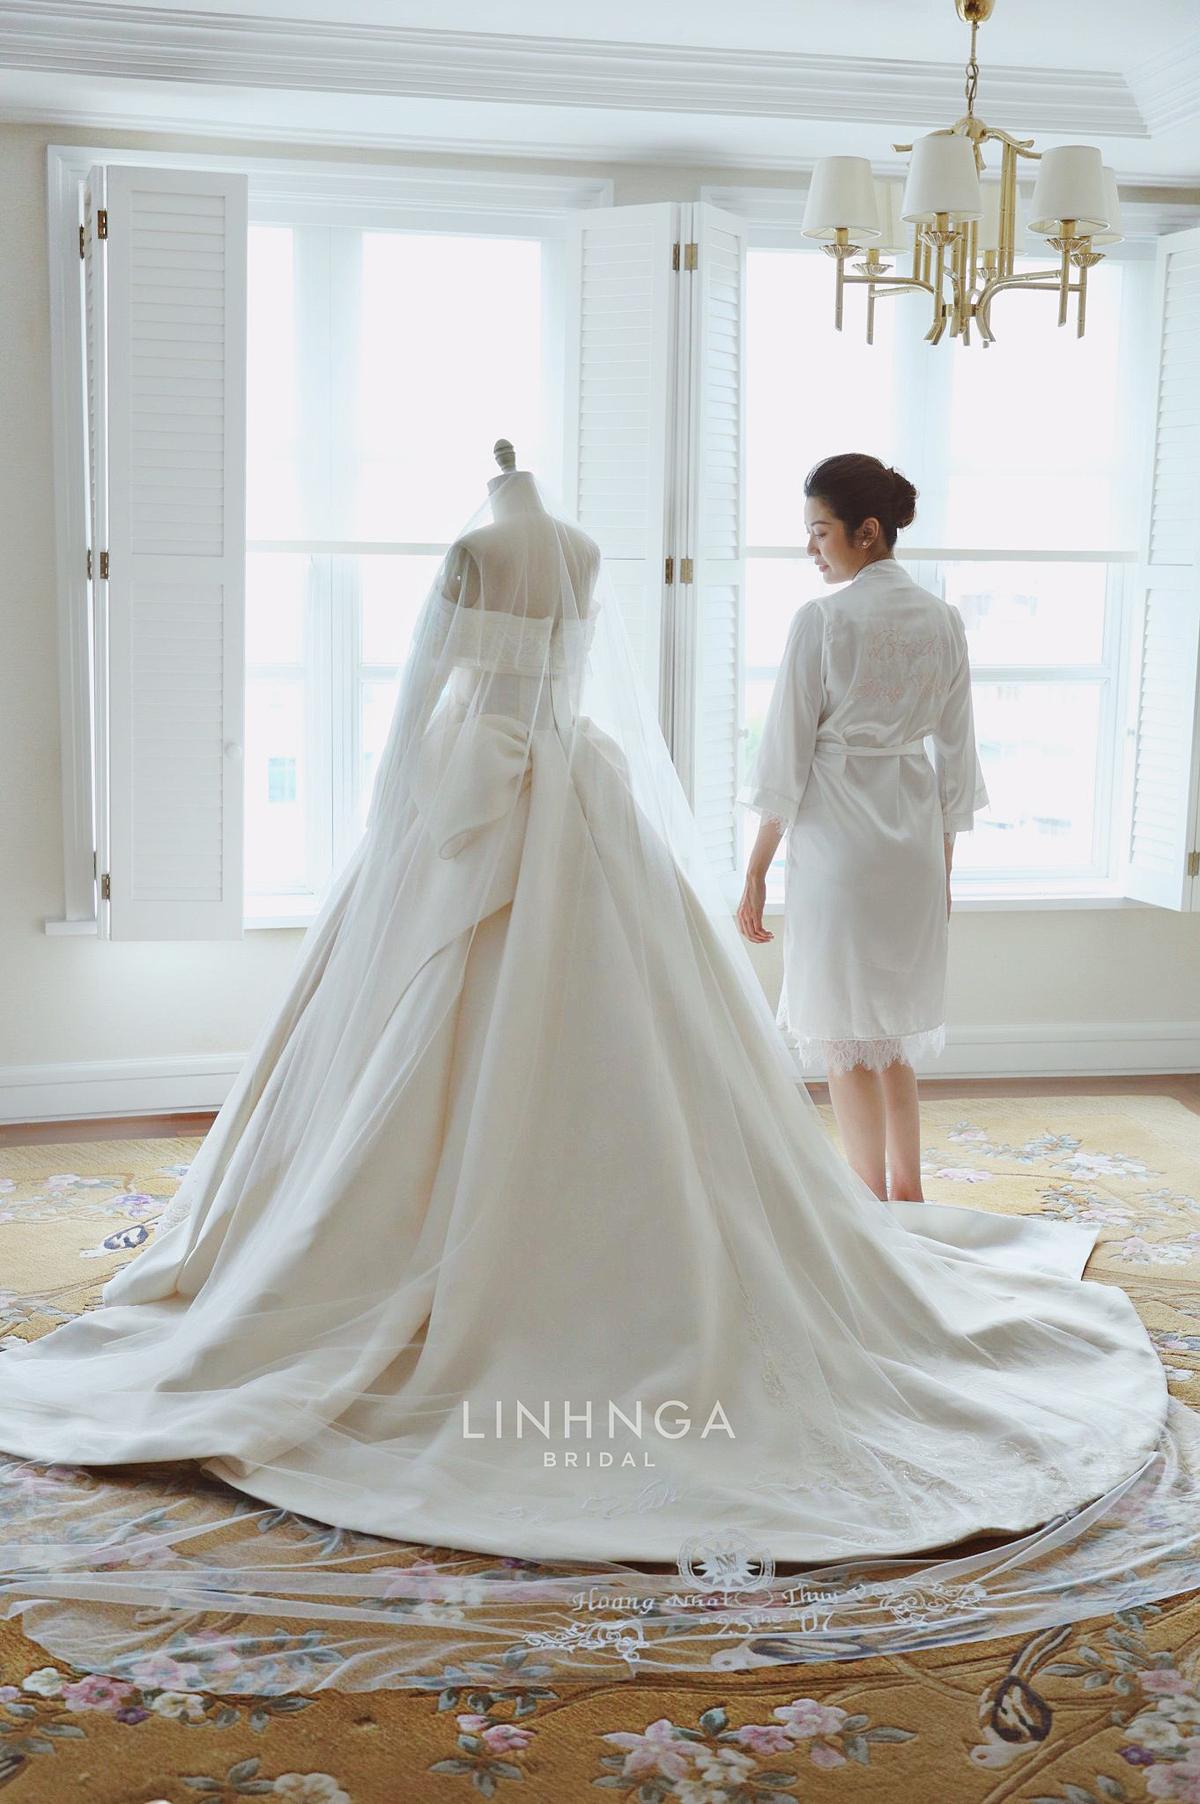 Bên cạnh sự mềm mại, chất vải cũng có độ co giãn vừa phải để tôn từng đường cong của cô dâu nhưng vẫn giữ được phom váy, giúp váy không bị đổ khi mặc.